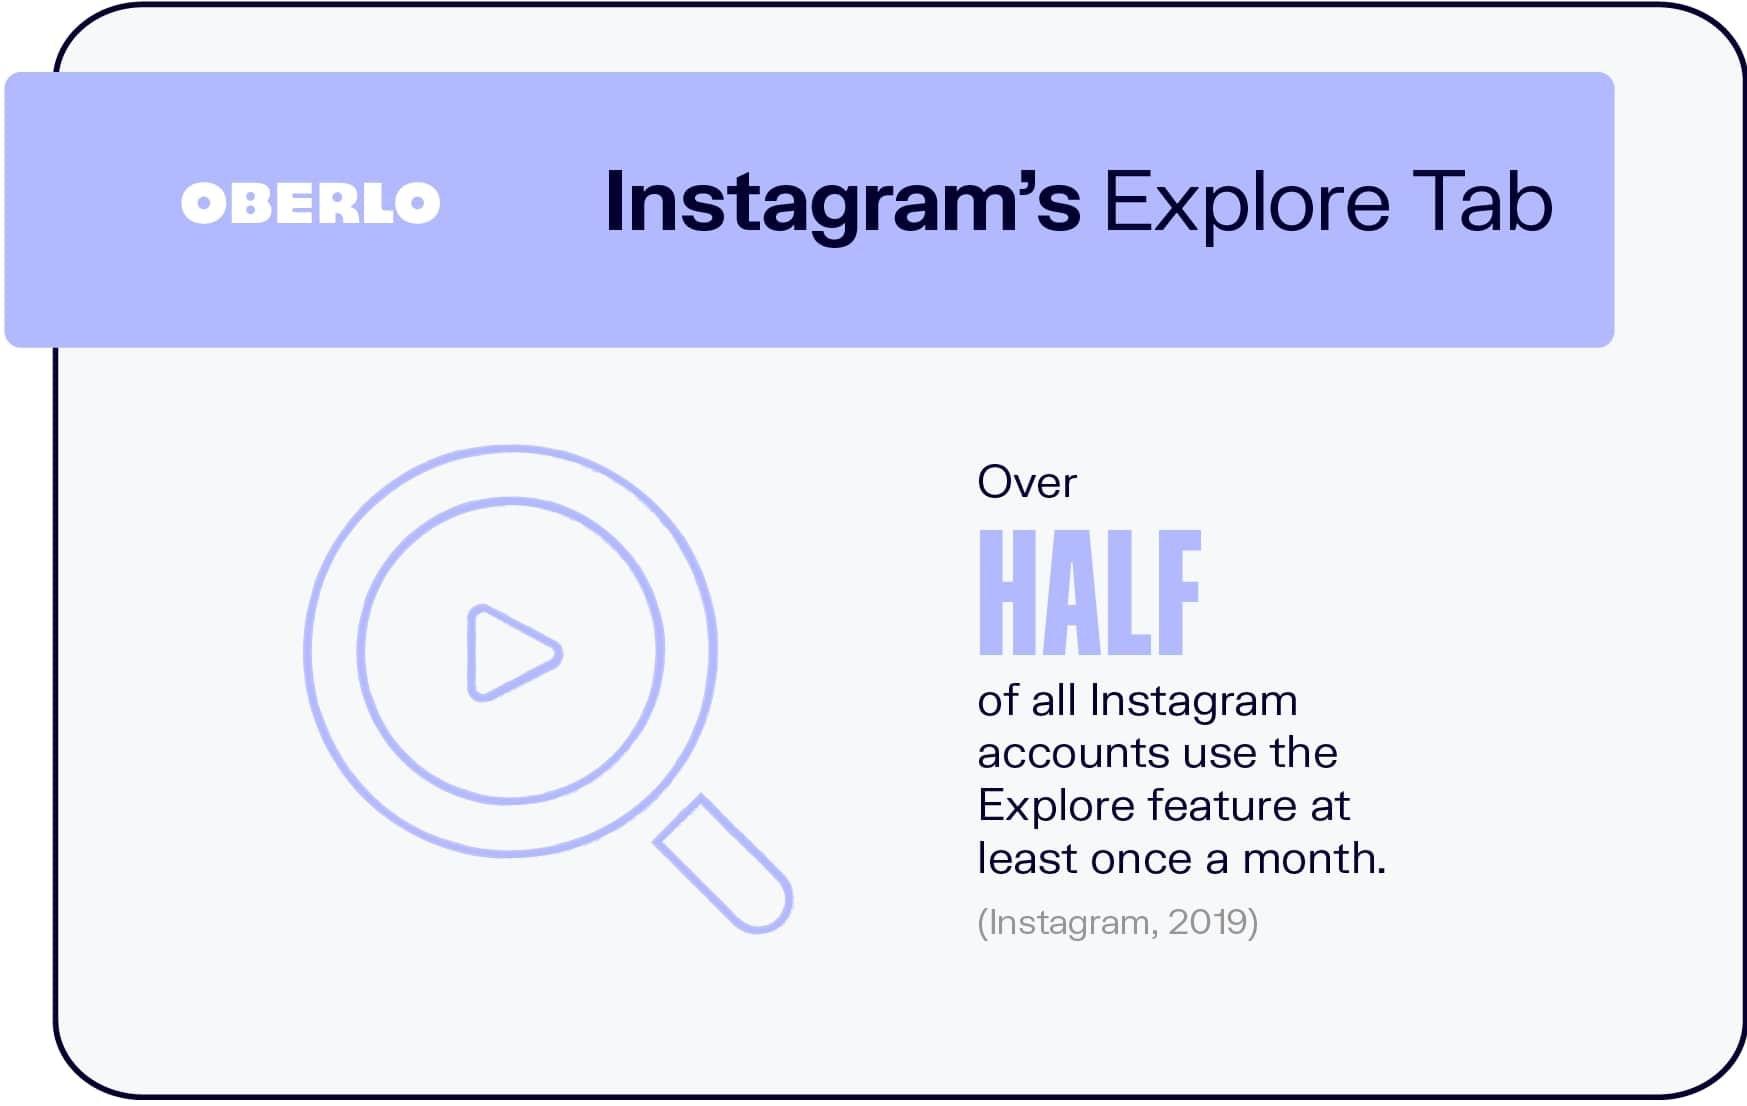 Instagram's Explore Tab